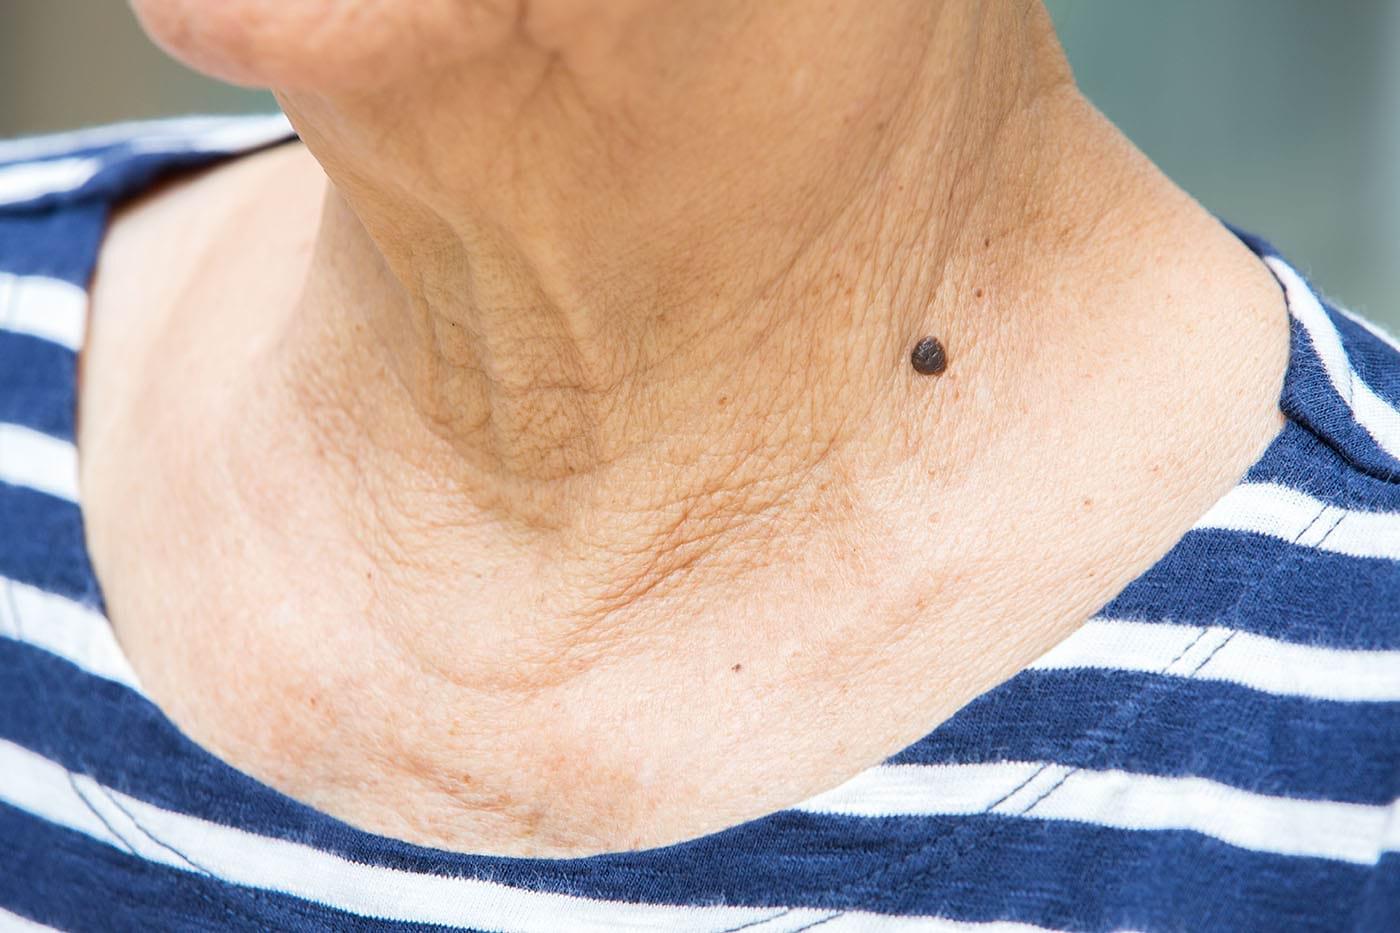 Nevusul albastru: cauze, simptome, tratament